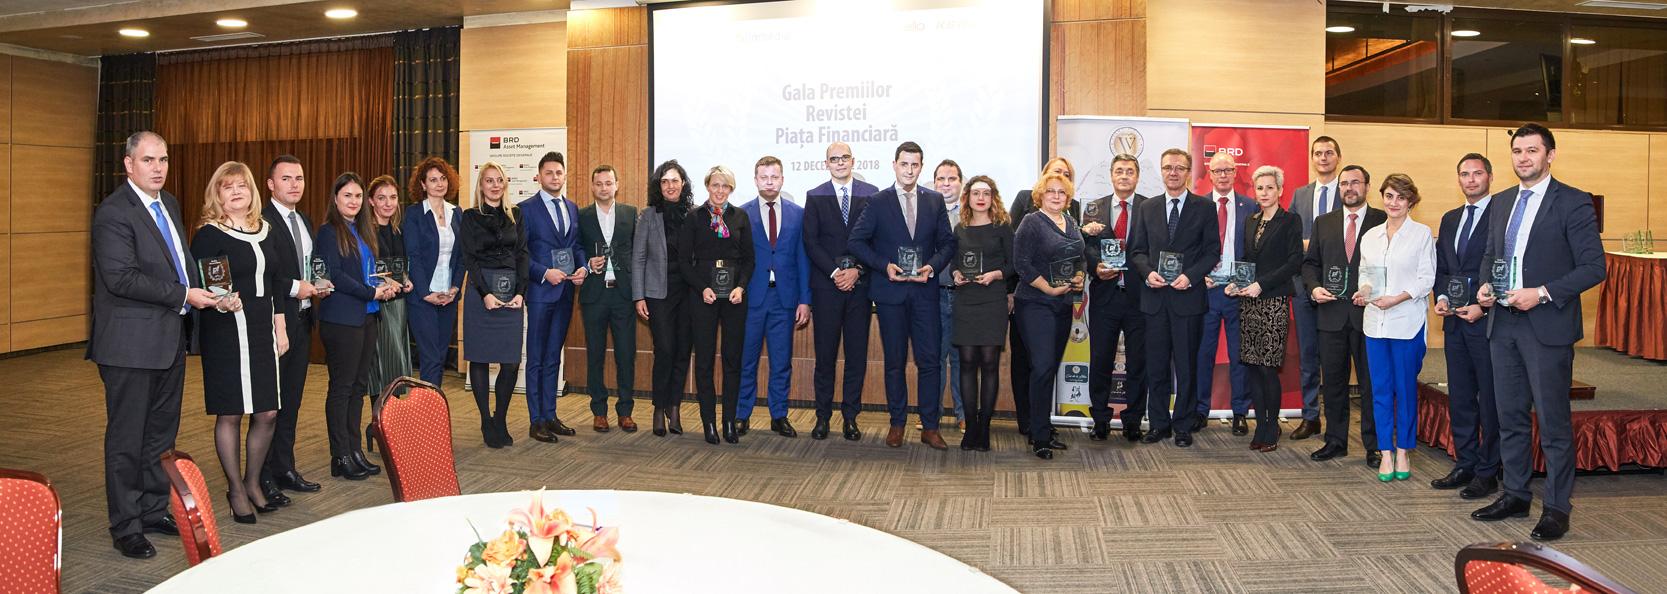 """Piaţa Financiară a desemnat câştigătorii premiilor Anuale şi Centenare la """"Gala Premiilor Revistei Piaţa Financiară"""""""